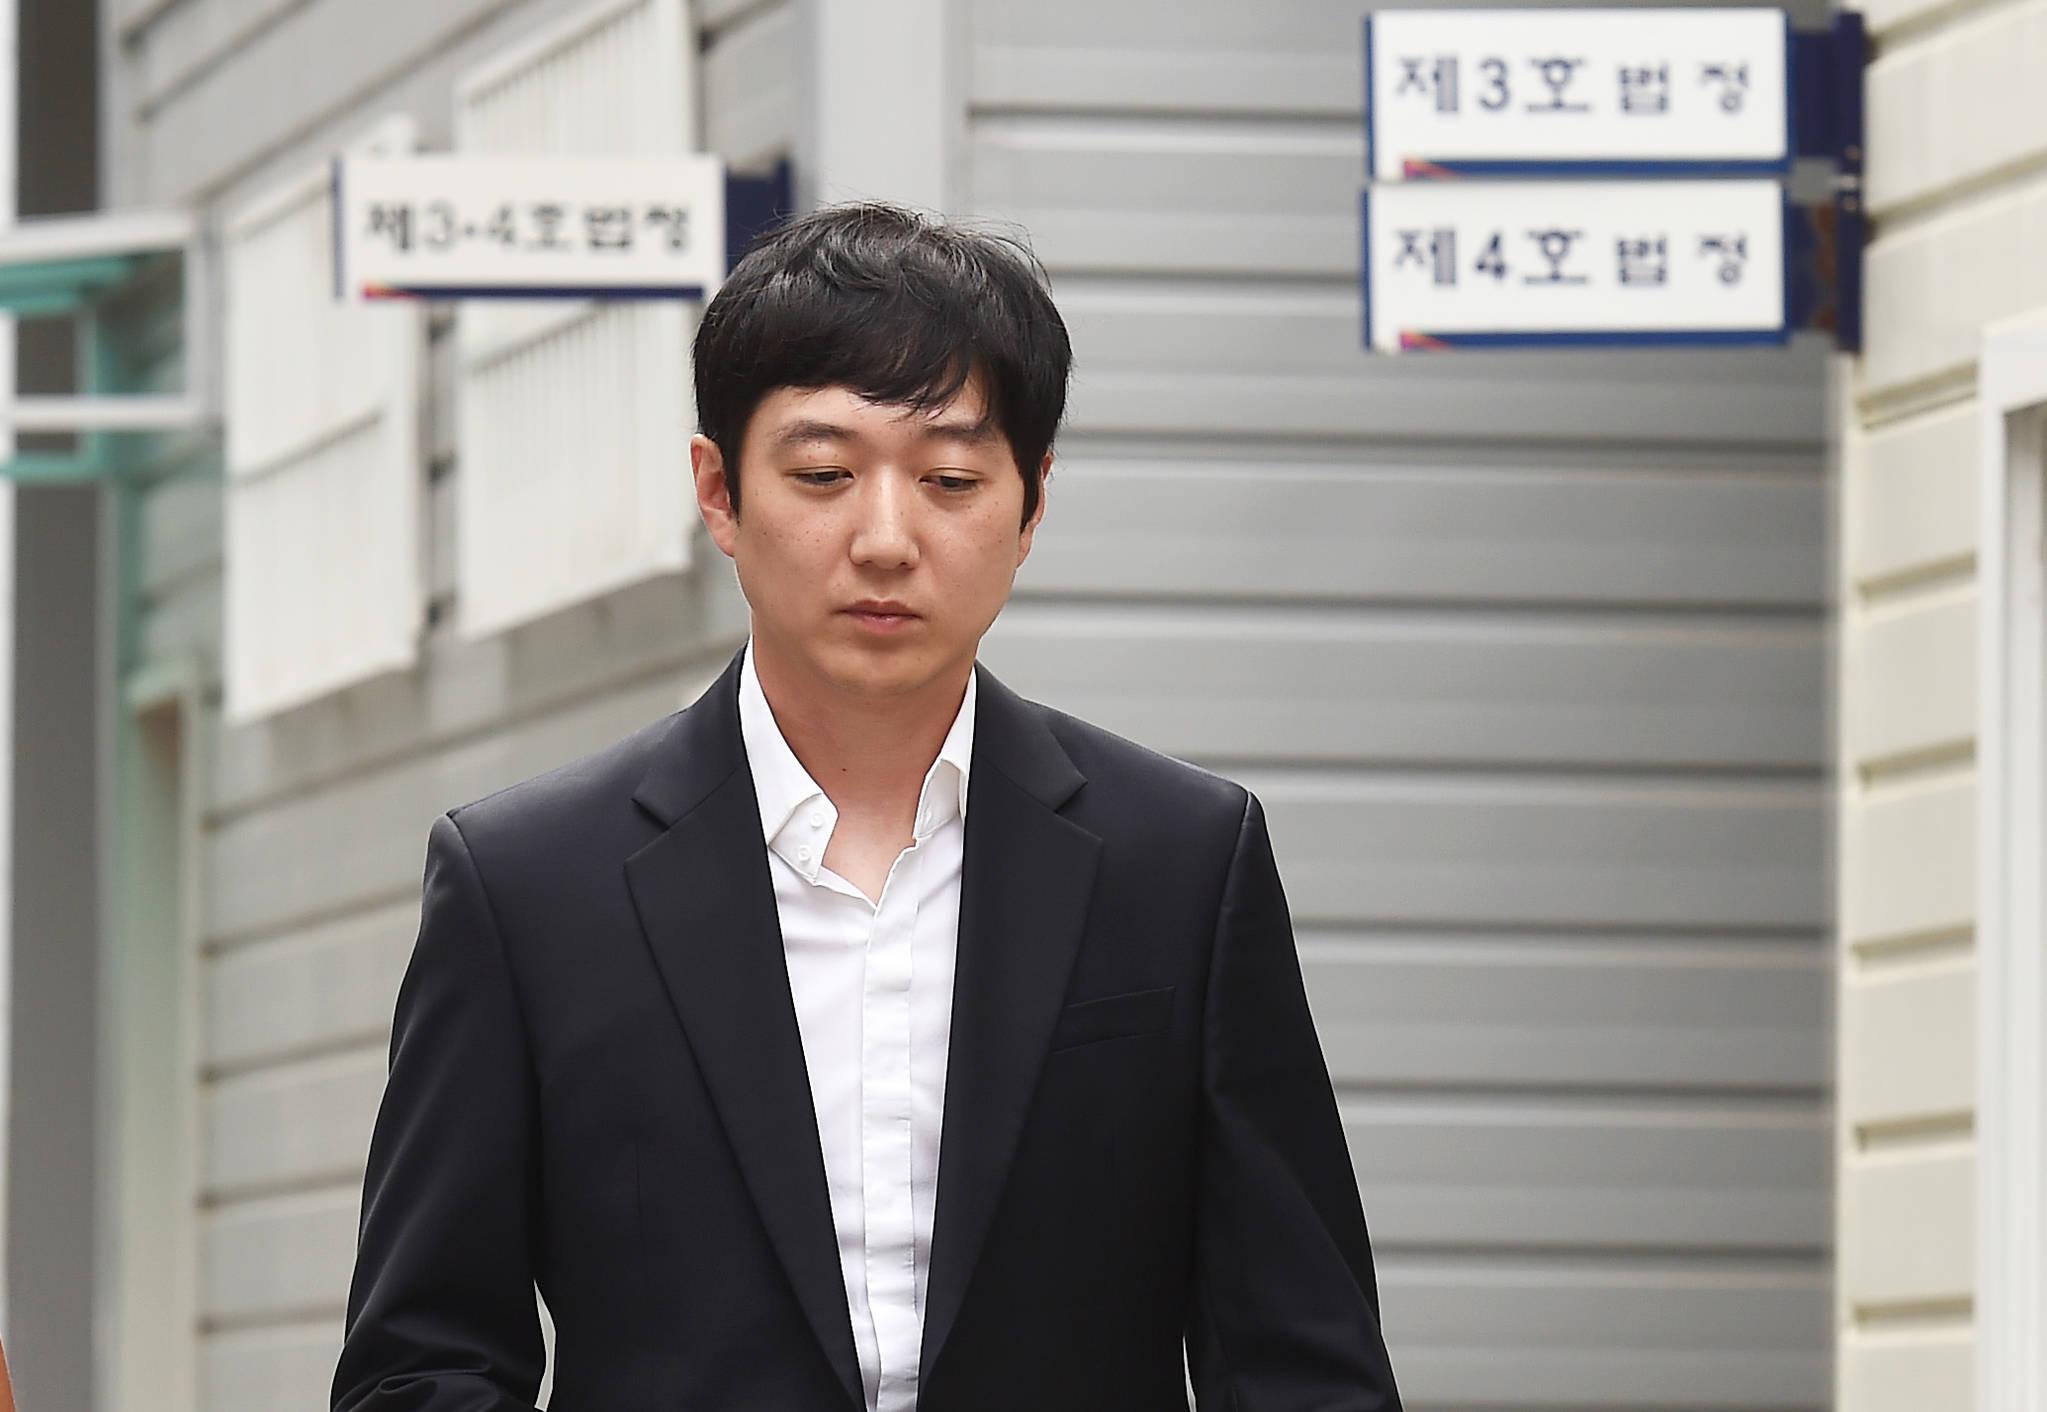 조재범 전 쇼트트랙 국가대표팀 코치. [뉴스1]